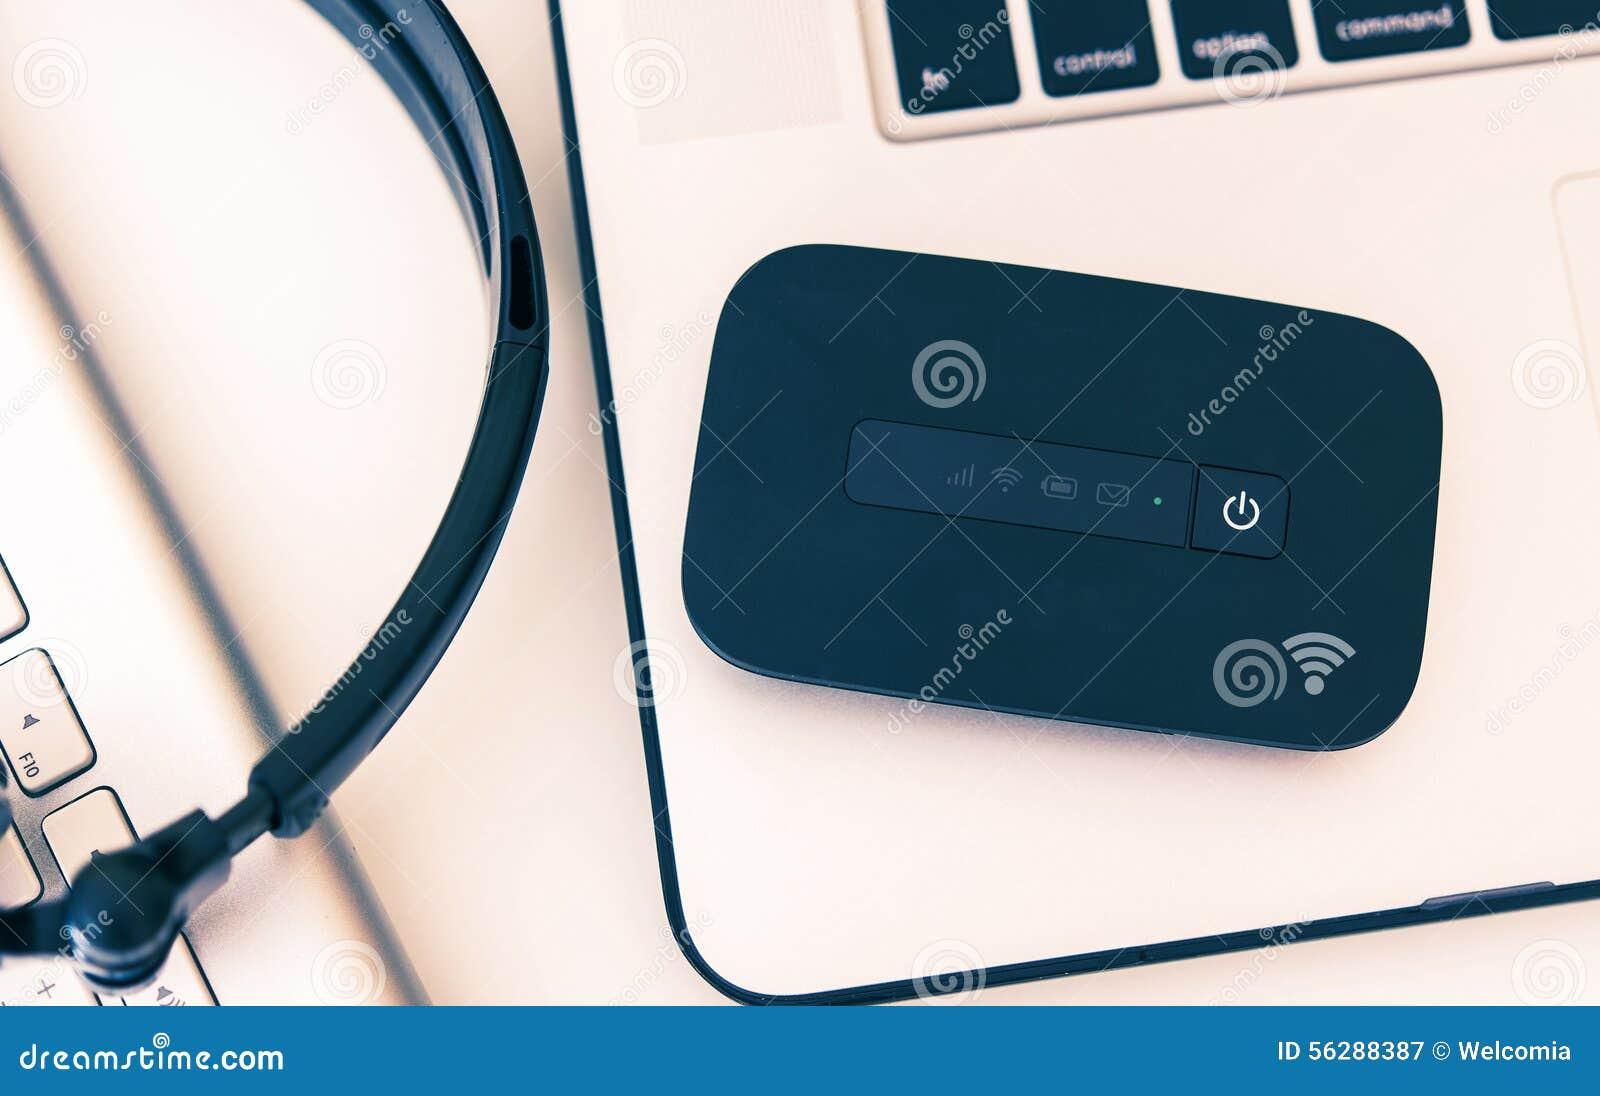 Mobiel Hotspot Apparaat